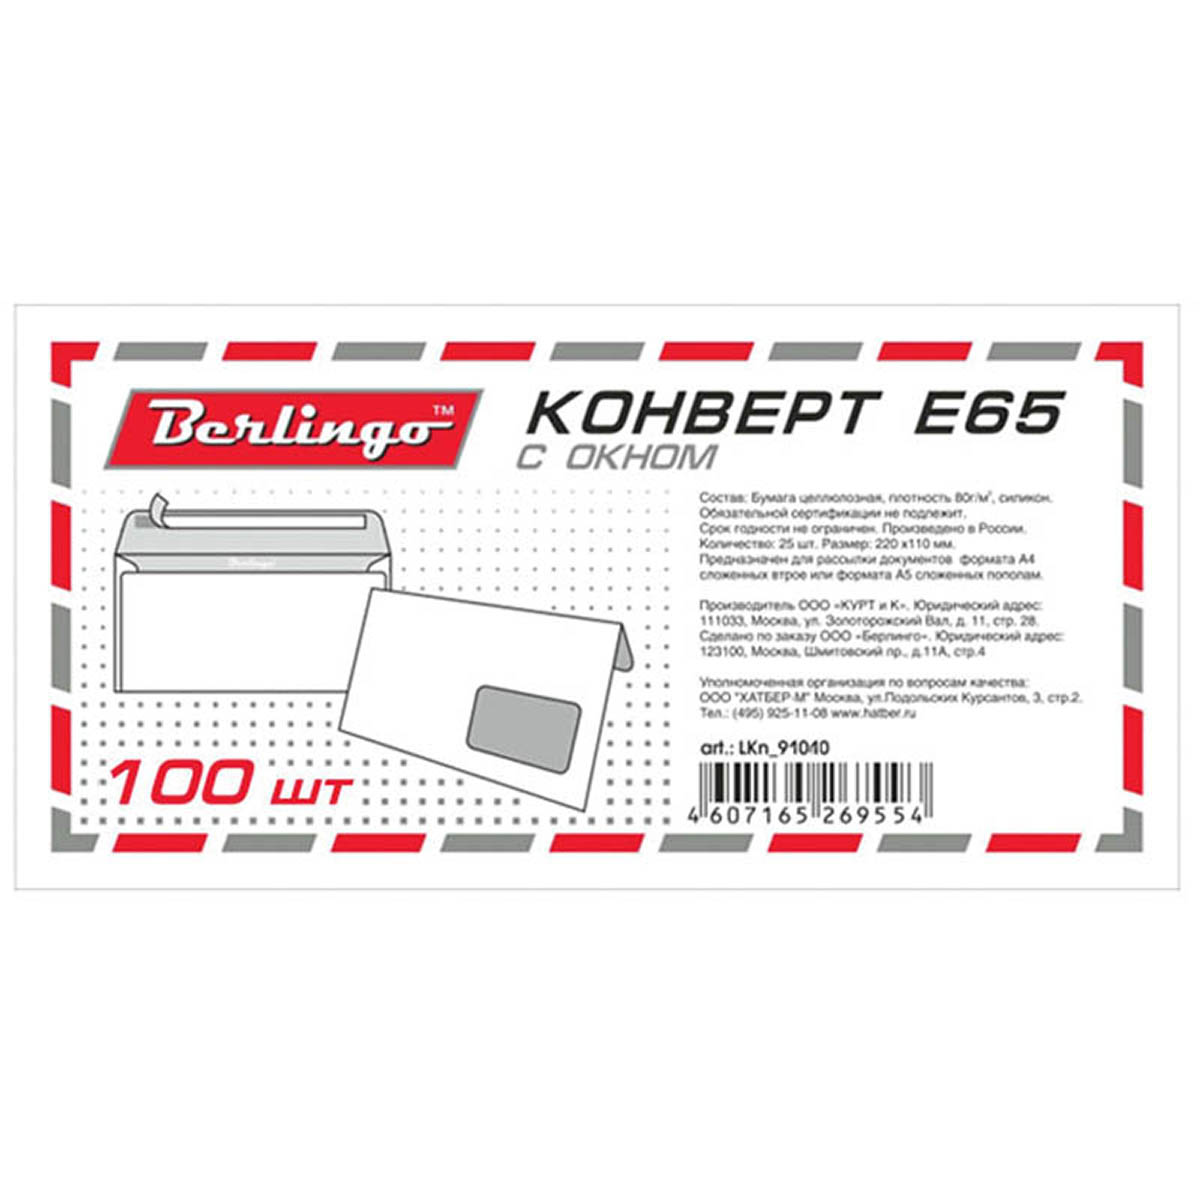 Конверт E65 100 шт LKn_91010LKn_91010Конверт евроформата размером 110х220мм без подсказа, с горизонтальным окном справа. Предназначен для вложения листов формата А4, сложенных вчетверо или А5, сложенных вдвое. Клапан конверта крепится с помощью отрывной силиконовой ленты. Упаковка - термоусадочная пленка